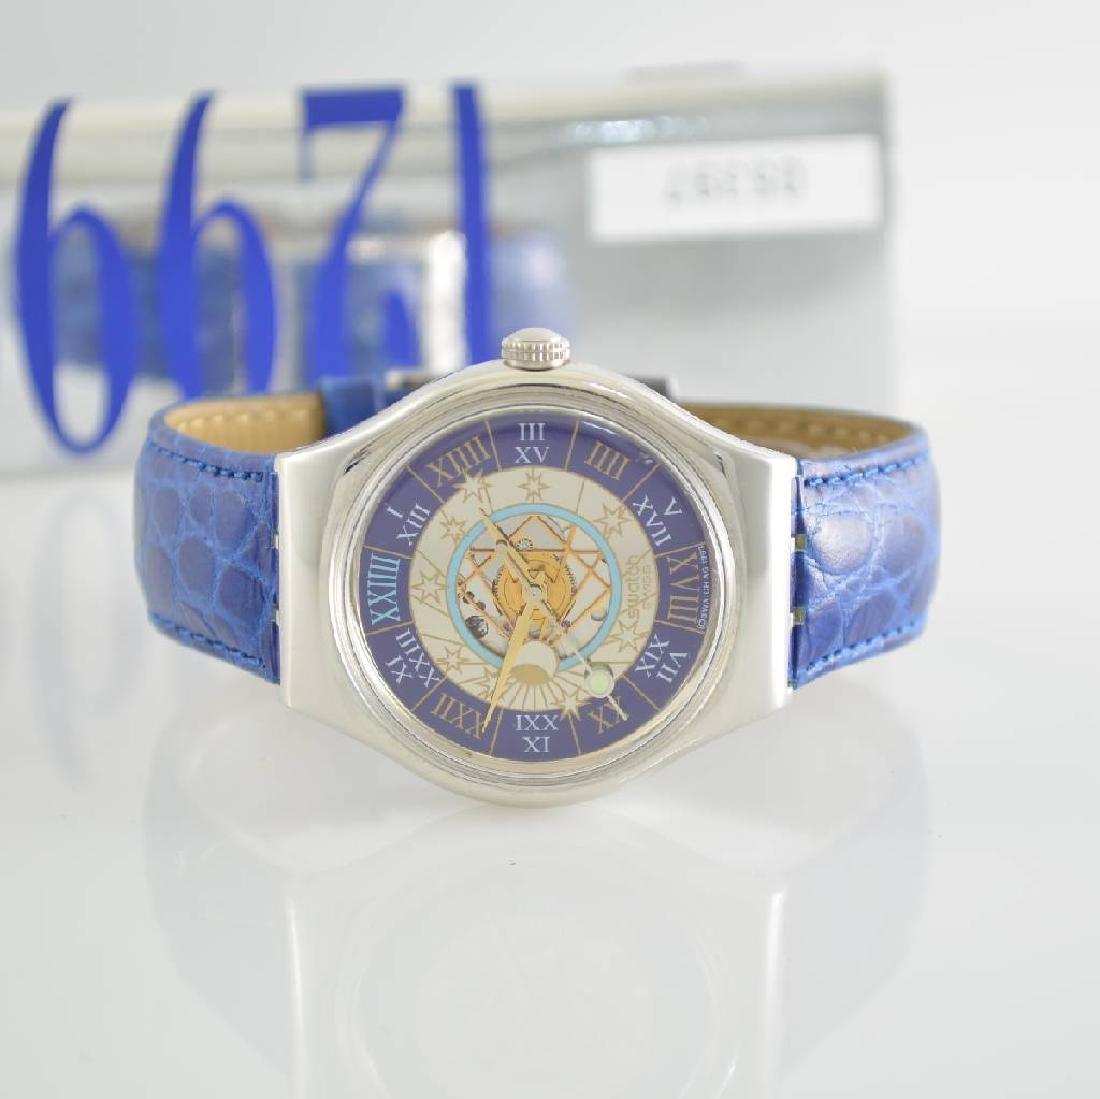 SWATCH fine & rare platinum wristwatch Trésor Maqique